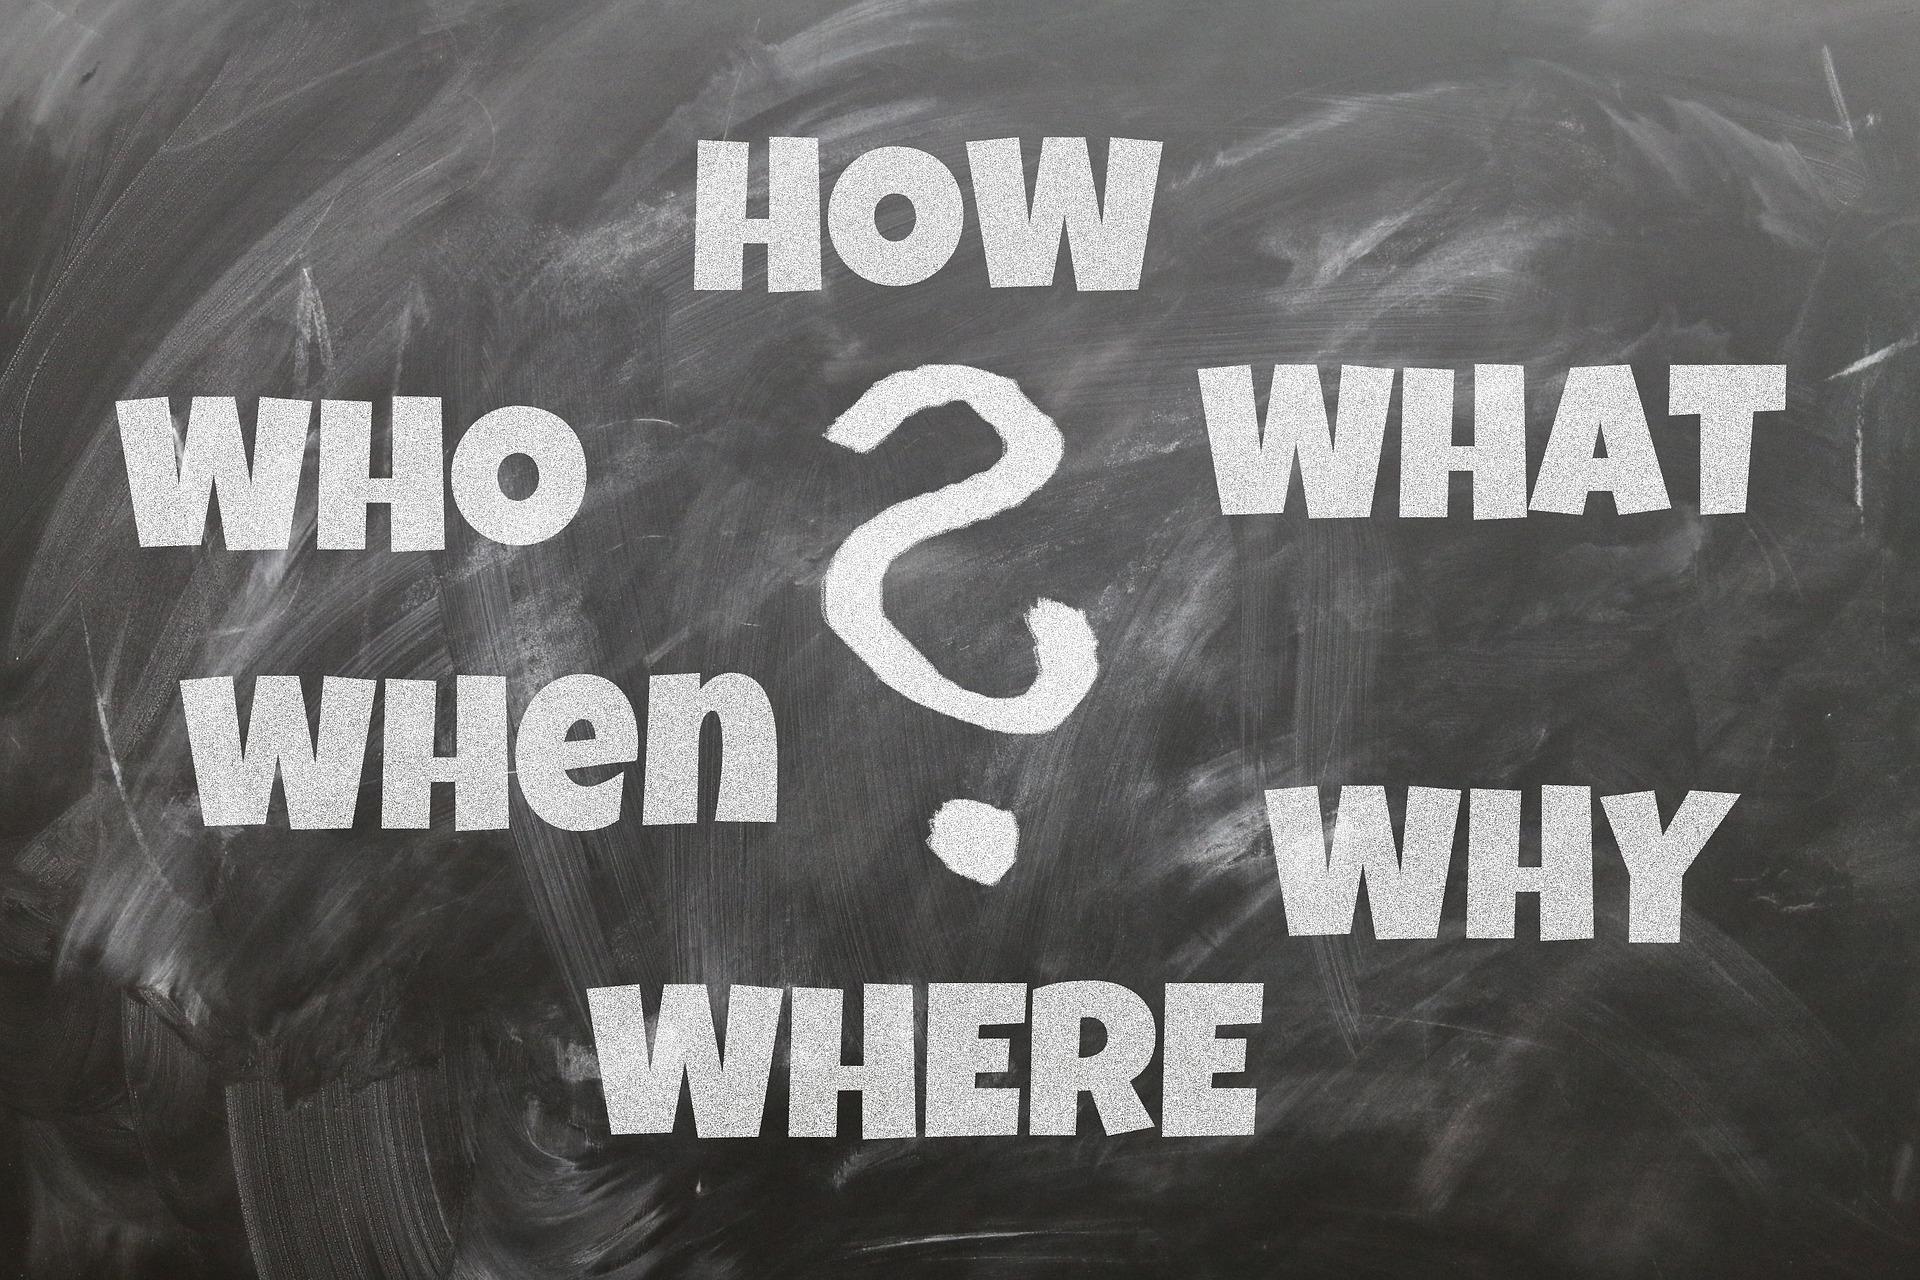 Fragen & Zuhören – die besten Zitate und Sprichwörter